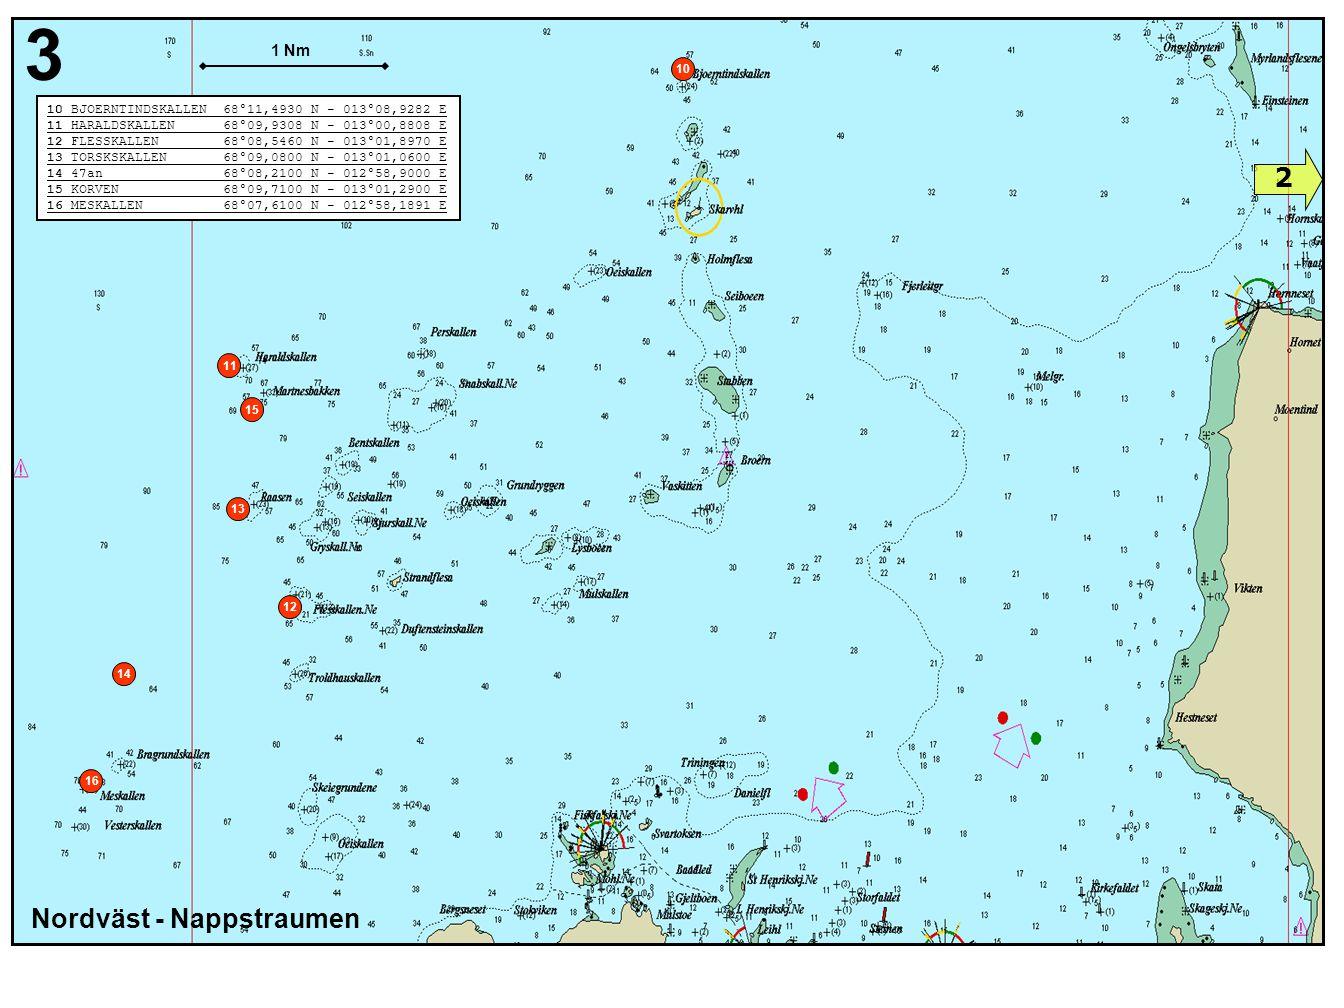 Nordväst - Nappstraumen 3 15 13 11 12 14 10 BJOERNTINDSKALLEN 68°11,4930 N - 013°08,9282 E 11 HARALDSKALLEN 68°09,9308 N - 013°00,8808 E 12 FLESSKALLEN 68°08,5460 N - 013°01,8970 E 13 TORSKSKALLEN 68°09,0800 N - 013°01,0600 E 14 47an 68°08,2100 N - 012°58,9000 E 15 KORVEN 68°09,7100 N - 013°01,2900 E 16 MESKALLEN 68°07,6100 N - 012°58,1891 E 10 1 Nm 16 2